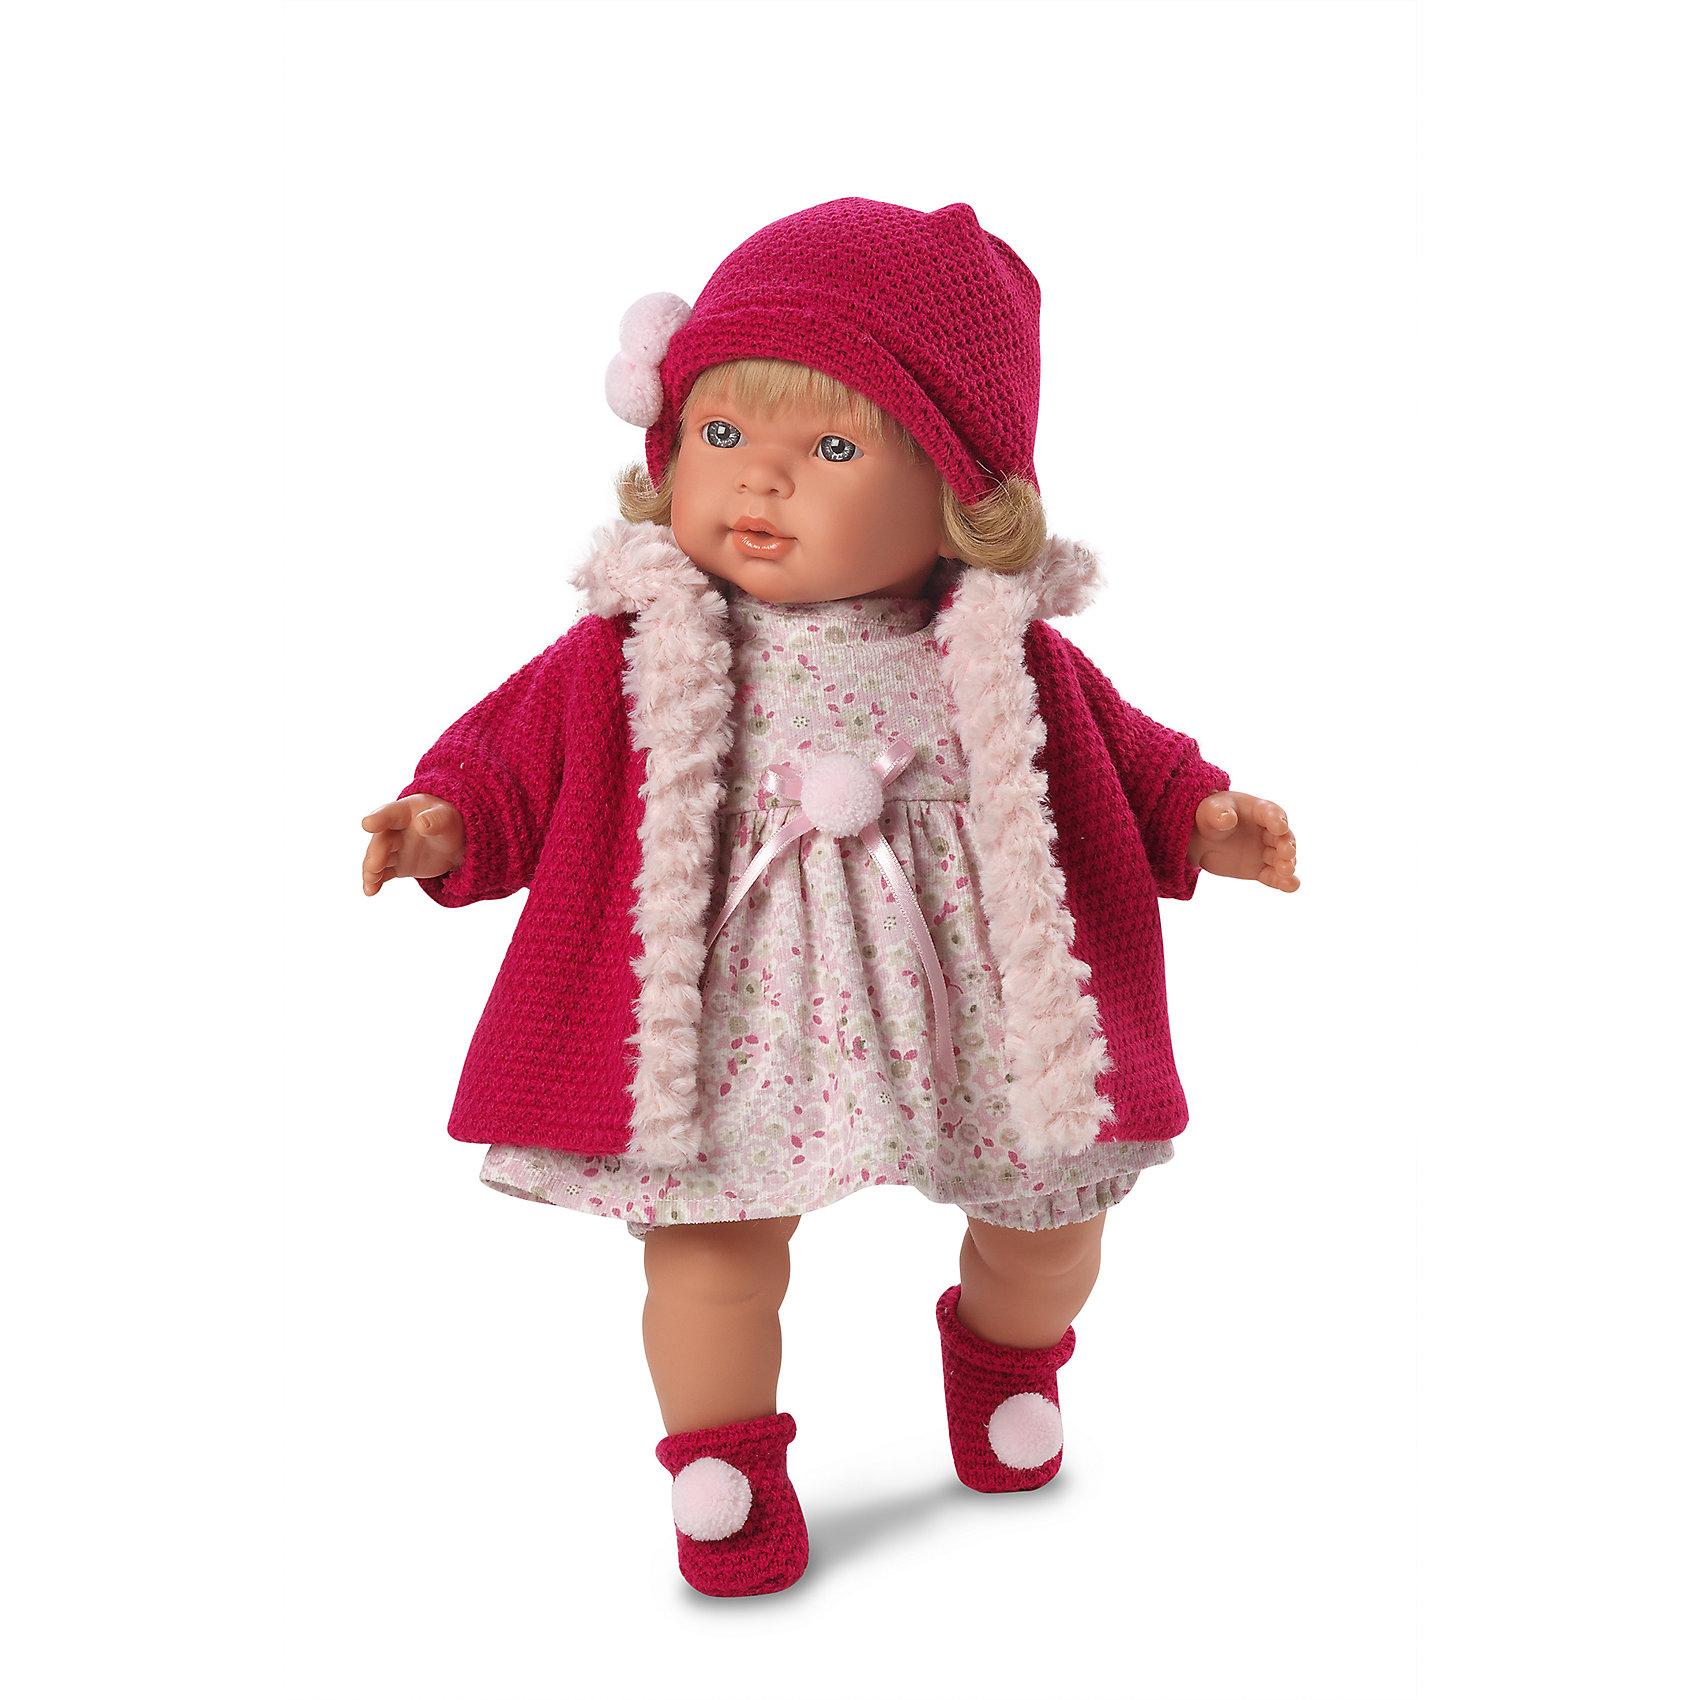 Кукла Даниэла, 42 см, LlorensХарактеристики:<br><br>• Предназначение: для сюжетно-ролевых игр<br>• Тип куклы: мягконабивная<br>• Пол куклы: девочка <br>• Цвет волос: блондинка<br>• Материал: поливинилхлорид, пластик, нейлон, текстиль<br>• Цвет: розовый, красный<br>• Высота куклы: 42 см<br>• Комплектация: кукла, платье, пальто, носочки, шапочка, пустышка с держателем<br>• Звуковые эффекты: плачет, произносит мама и папа<br>• Батарейки: з шт. типа AG13/LR44 (предусмотрены в комплекте)<br>• Вес: 1 кг 360 г<br>• Размеры упаковки (Д*В*Ш): 23*45*12 см<br>• Упаковка: подарочная картонная коробка <br>• Особенности ухода: допускается деликатная стирка без использования красящих и отбеливающих средств предметов одежды куклы<br><br>Кукла Даниэла 42 см – кукла, производителем которого является всемирно известный испанский кукольный бренд Llorens. Куклы этой торговой марки имеют свою неповторимую внешность и целую линейку образов как пупсов, так и кукол-малышей. Игрушки выполнены из сочетания поливинилхлорида и пластика, что позволяет с высокой долей достоверности воссоздать физиологические и мимические особенности маленьких детей. При изготовлении кукол Llorens используются только сертифицированные материалы, безопасные и не вызывающие аллергических реакций. Волосы у кукол отличаются густотой, шелковистостью и блеском, при расчесывании они не выпадают и не ломаются.<br>Кукла Даниэла 42 см выполнена в образе малышки: голубые глаза и слегка завитые волосы средней длины делают образ куклы необычайно очаровательным. В комплект одежды Даниэлы входит легкое платьице с цветочным рисунком, пальто с меховой отделкой, шапочка и носочки с помпончиками. Кукла умеет плакать, а также говорить мама и папа. Чтобы малышка не плакала, у нее имеется соска с цепочкой-держателем. <br>Кукла Даниэла 42см – это идеальный вариант для подарка к различным праздникам и торжествам.<br><br>Куклу Даниэлу 42 см можно купить в нашем интернет-магазине.<br><br>Ширина мм: 23<br>Глубина мм: 45<br>Высота мм: 12<br>